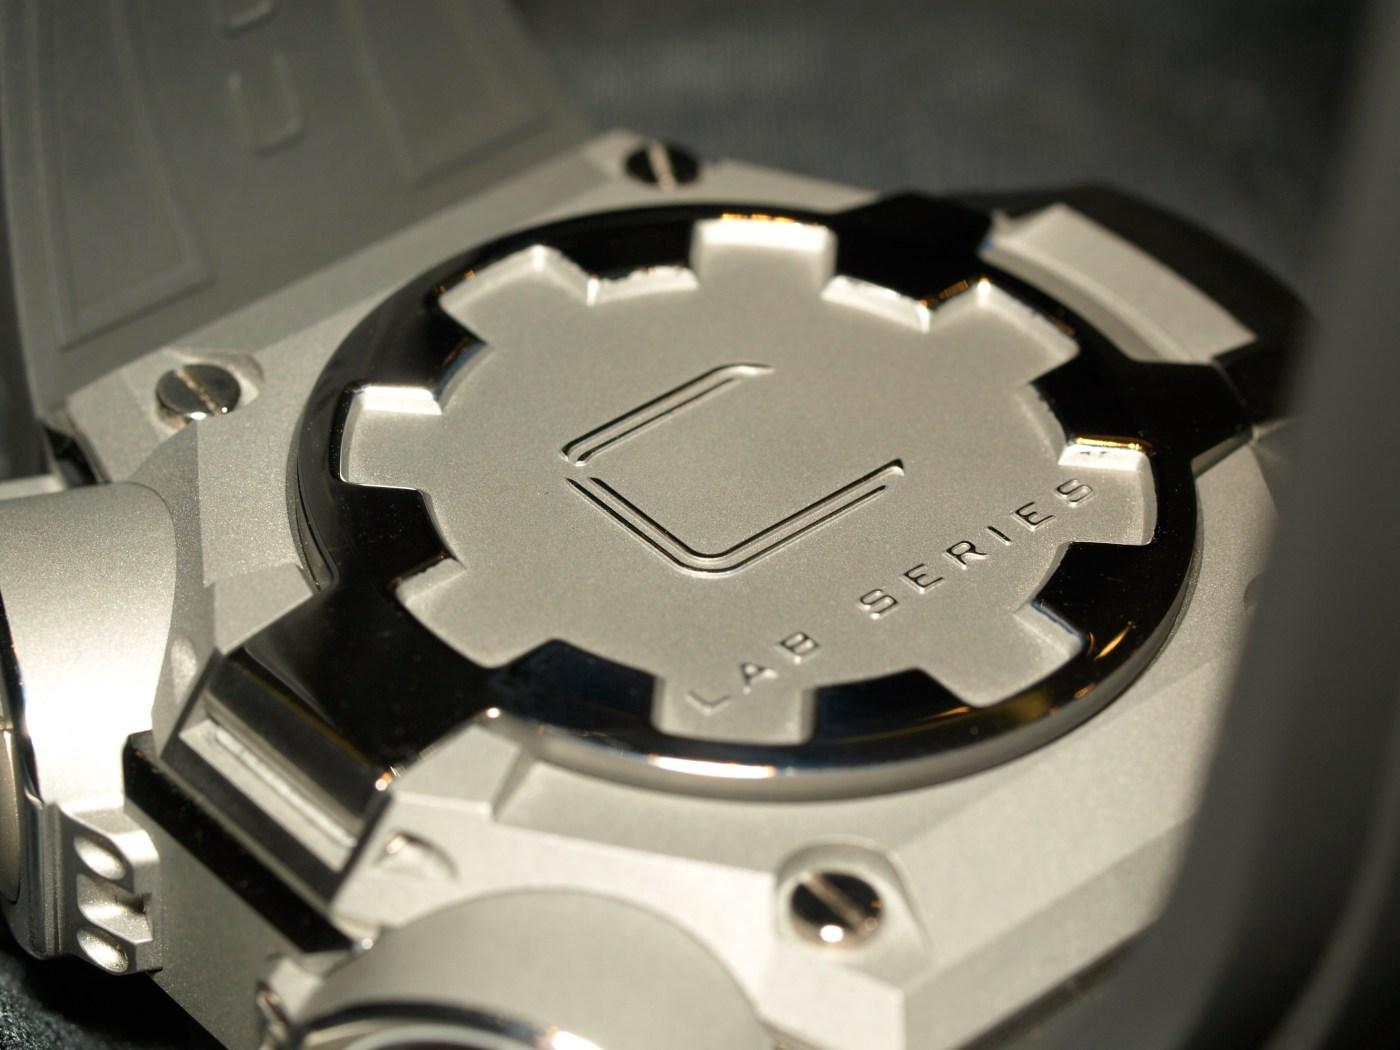 Concord C1 Quantum Gravity caseback